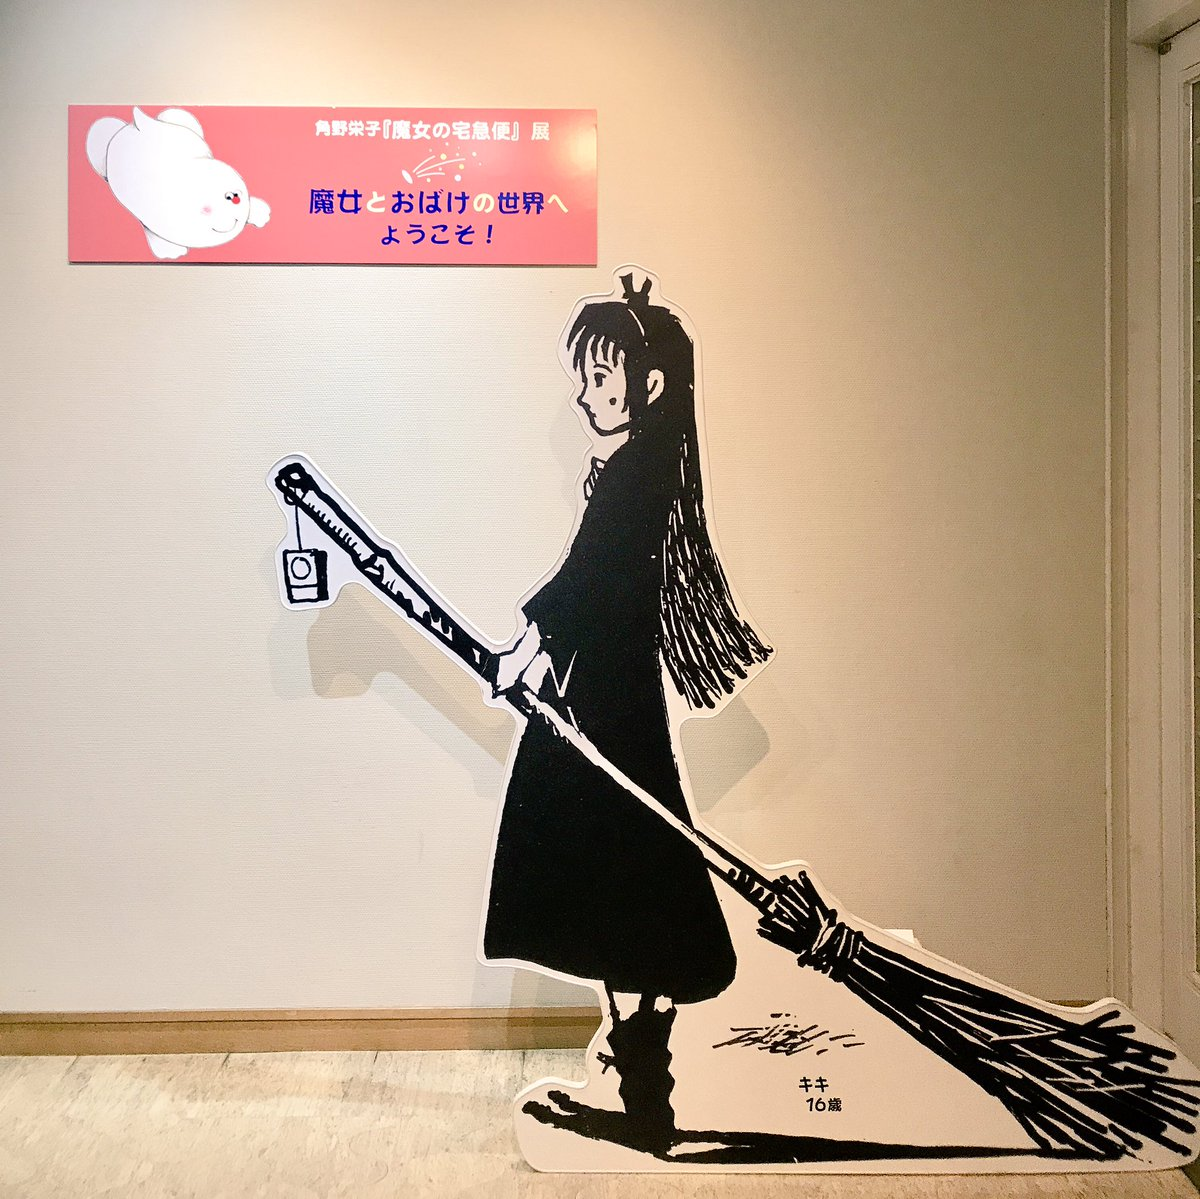 今日のメインは港の見える丘公園の神奈川近代文学館でやってる魔女の宅急便展原作のキキとジジも可愛かったそして横浜、港の見え